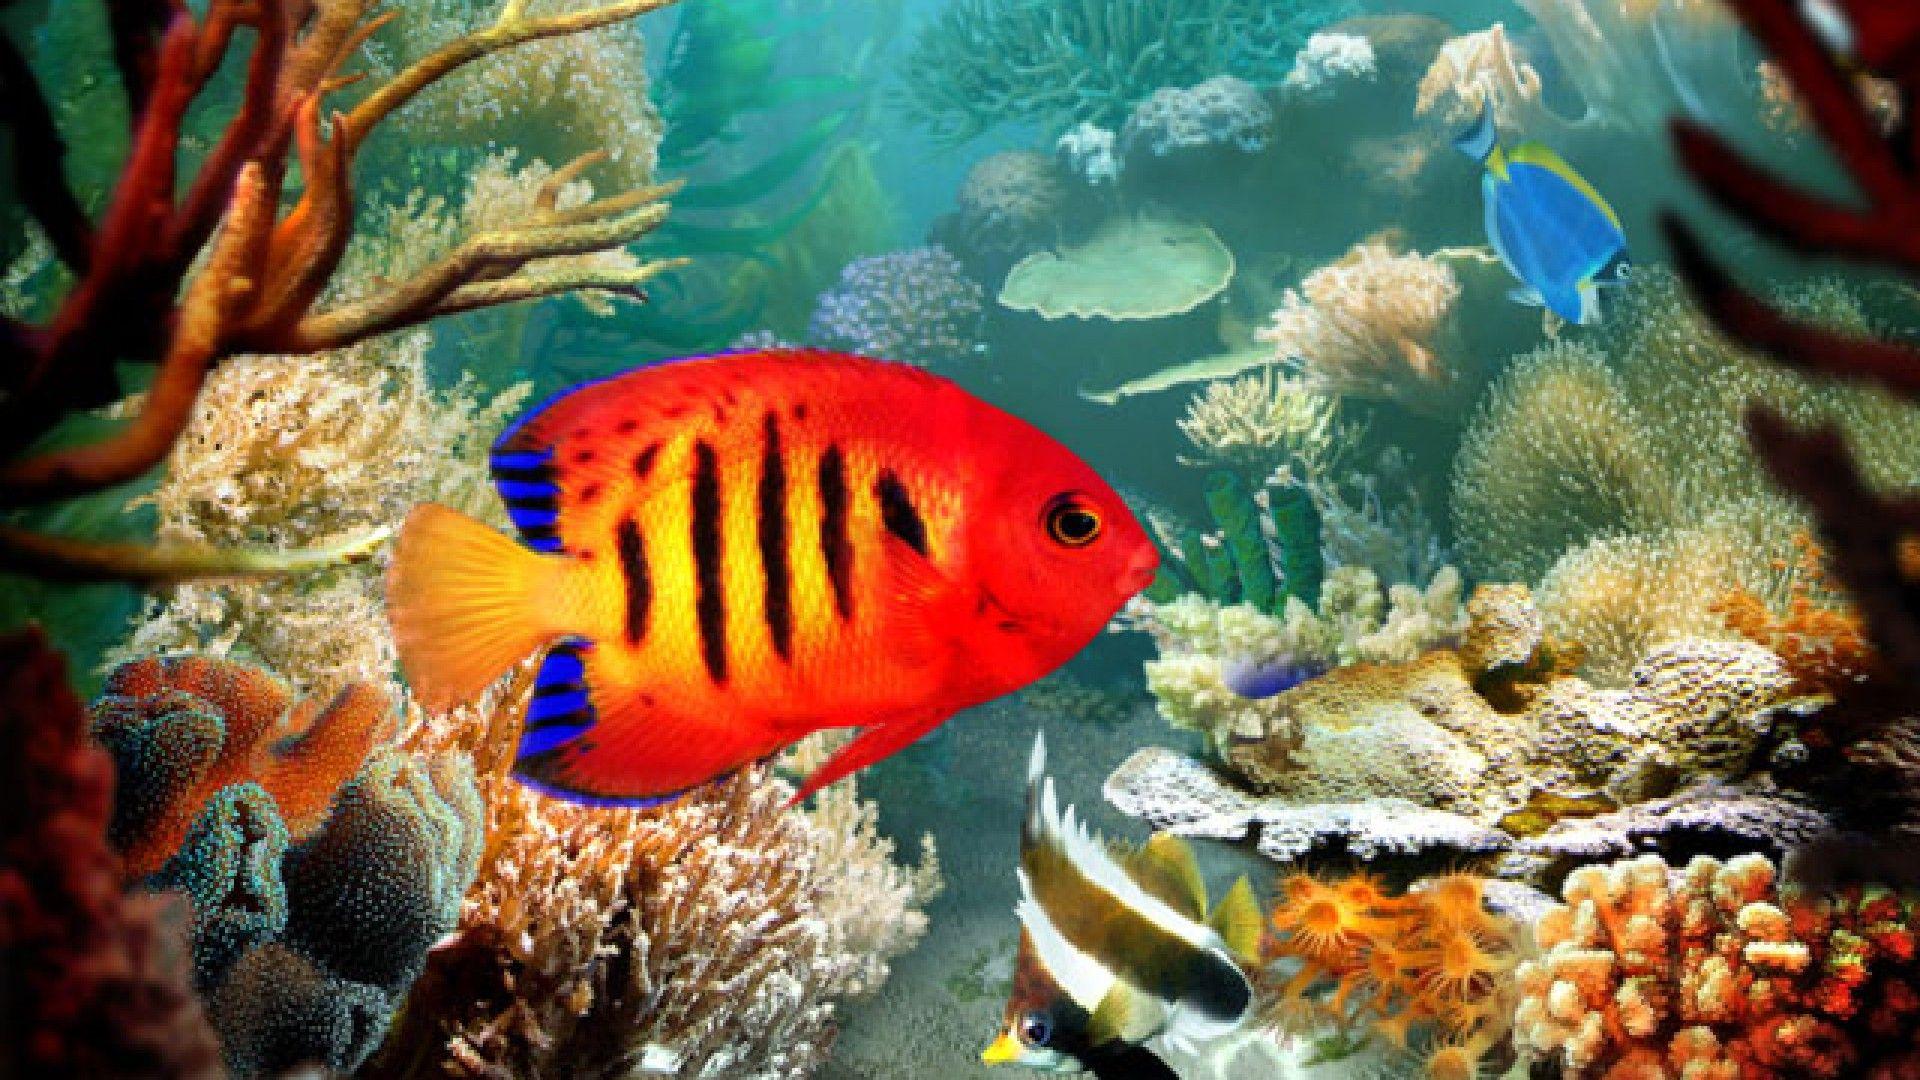 Homepage » Fish » Tropical Fish 3D wallpaper | Tropical Fish ...